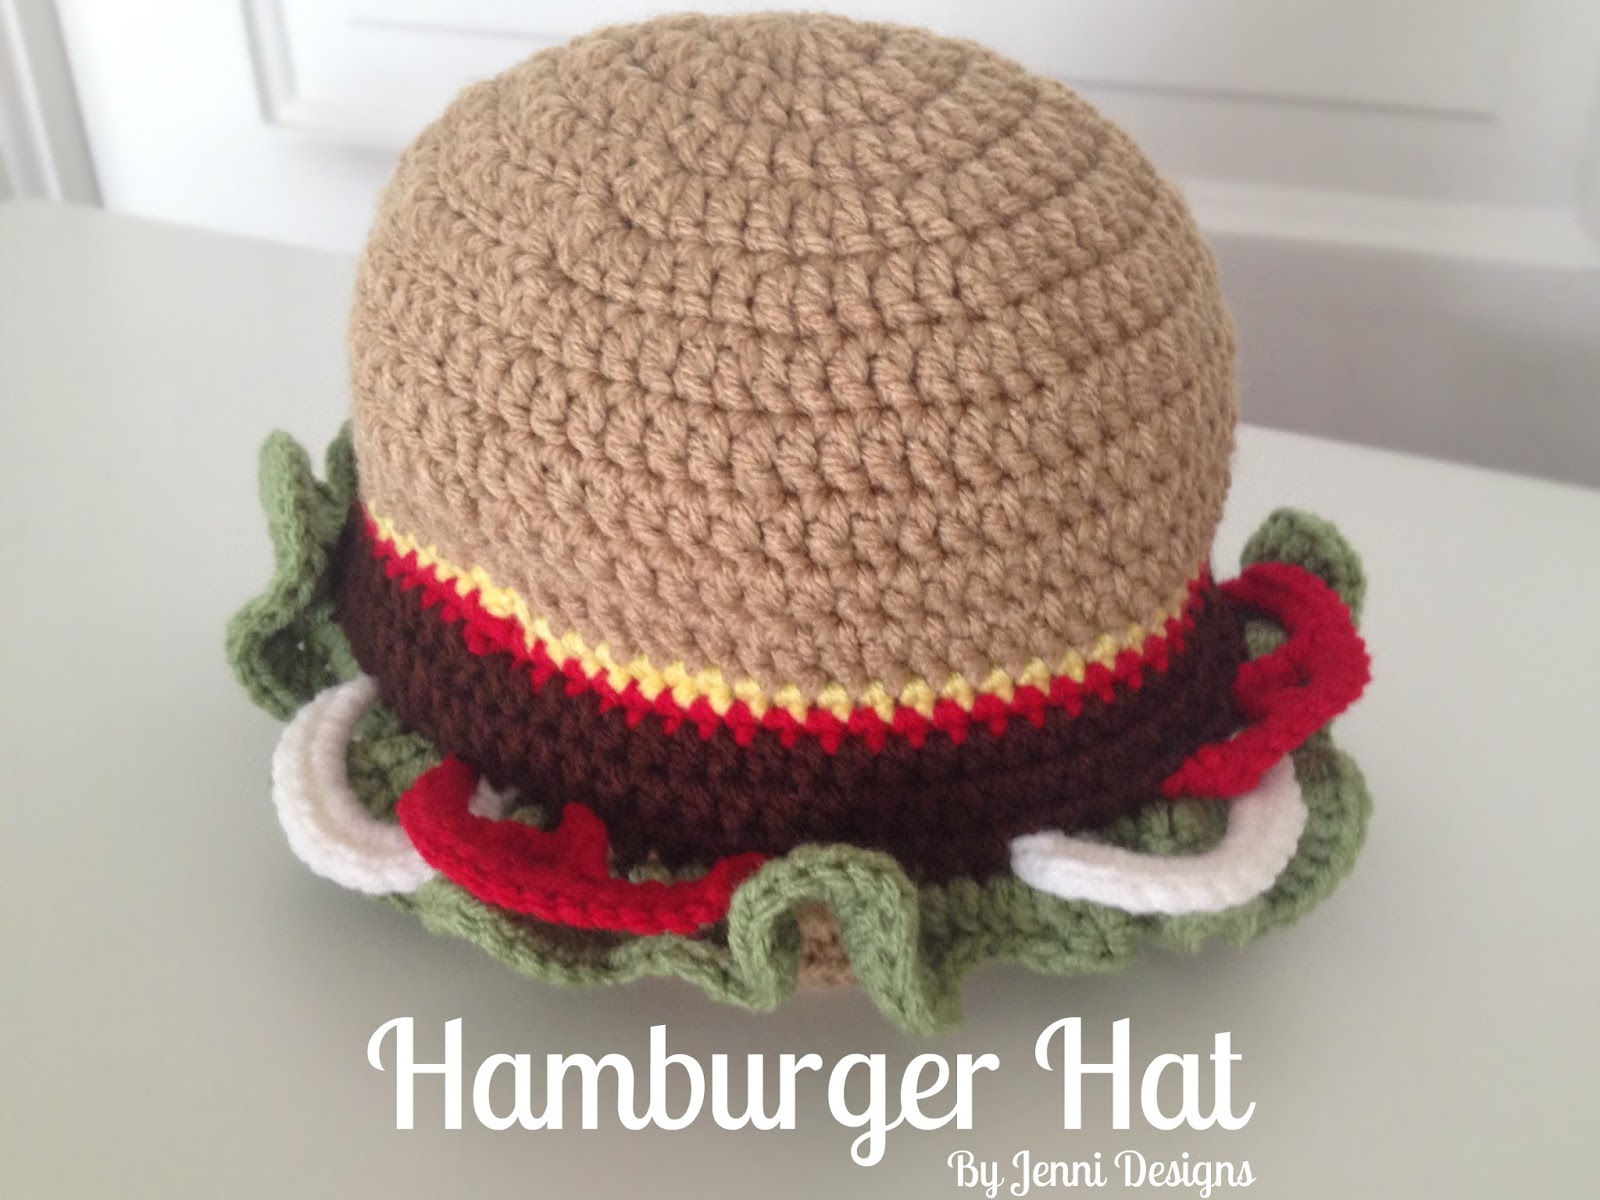 By Jenni Designs: Free Crochet Pattern: Hamburger Hat